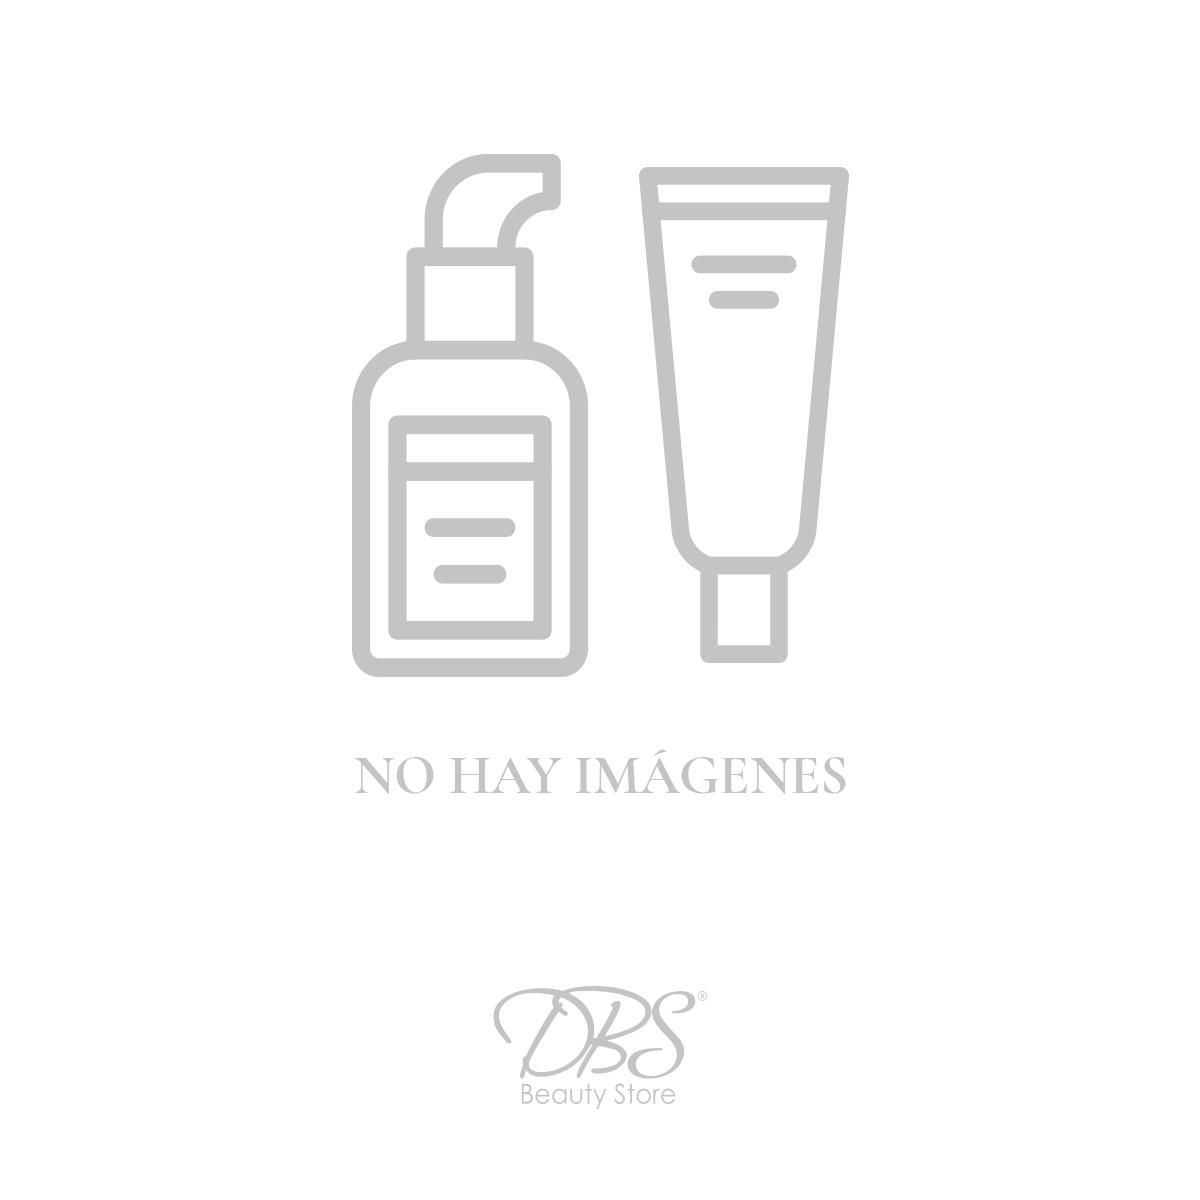 bath-and-body-works-BW-03215.jpg